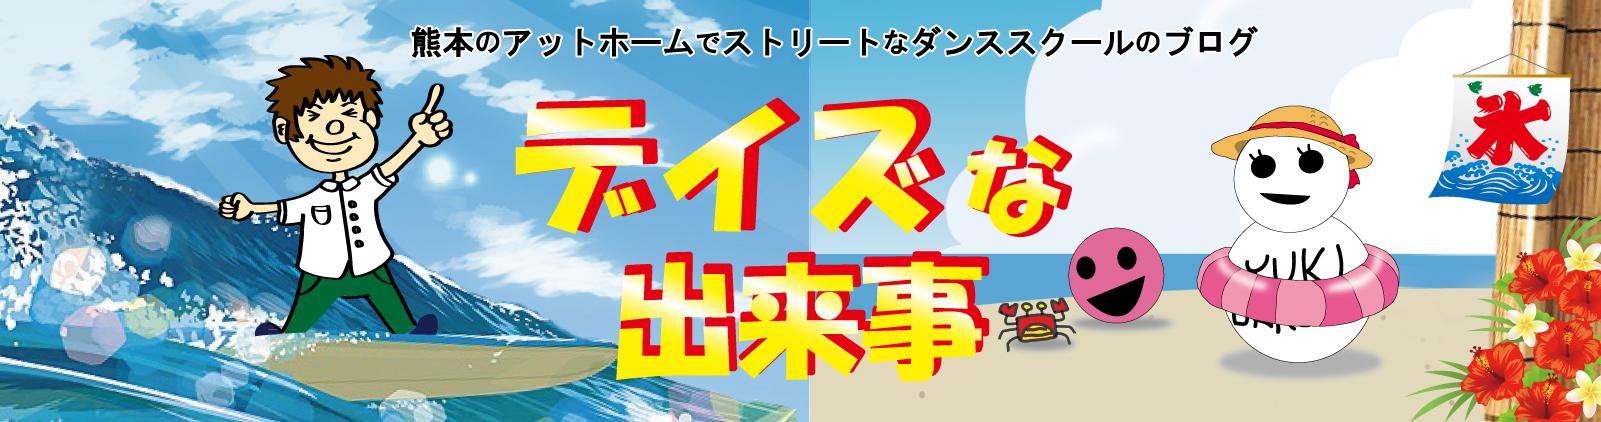 デイズな出来事|熊本のダンス教室スタジオデイズのブログ